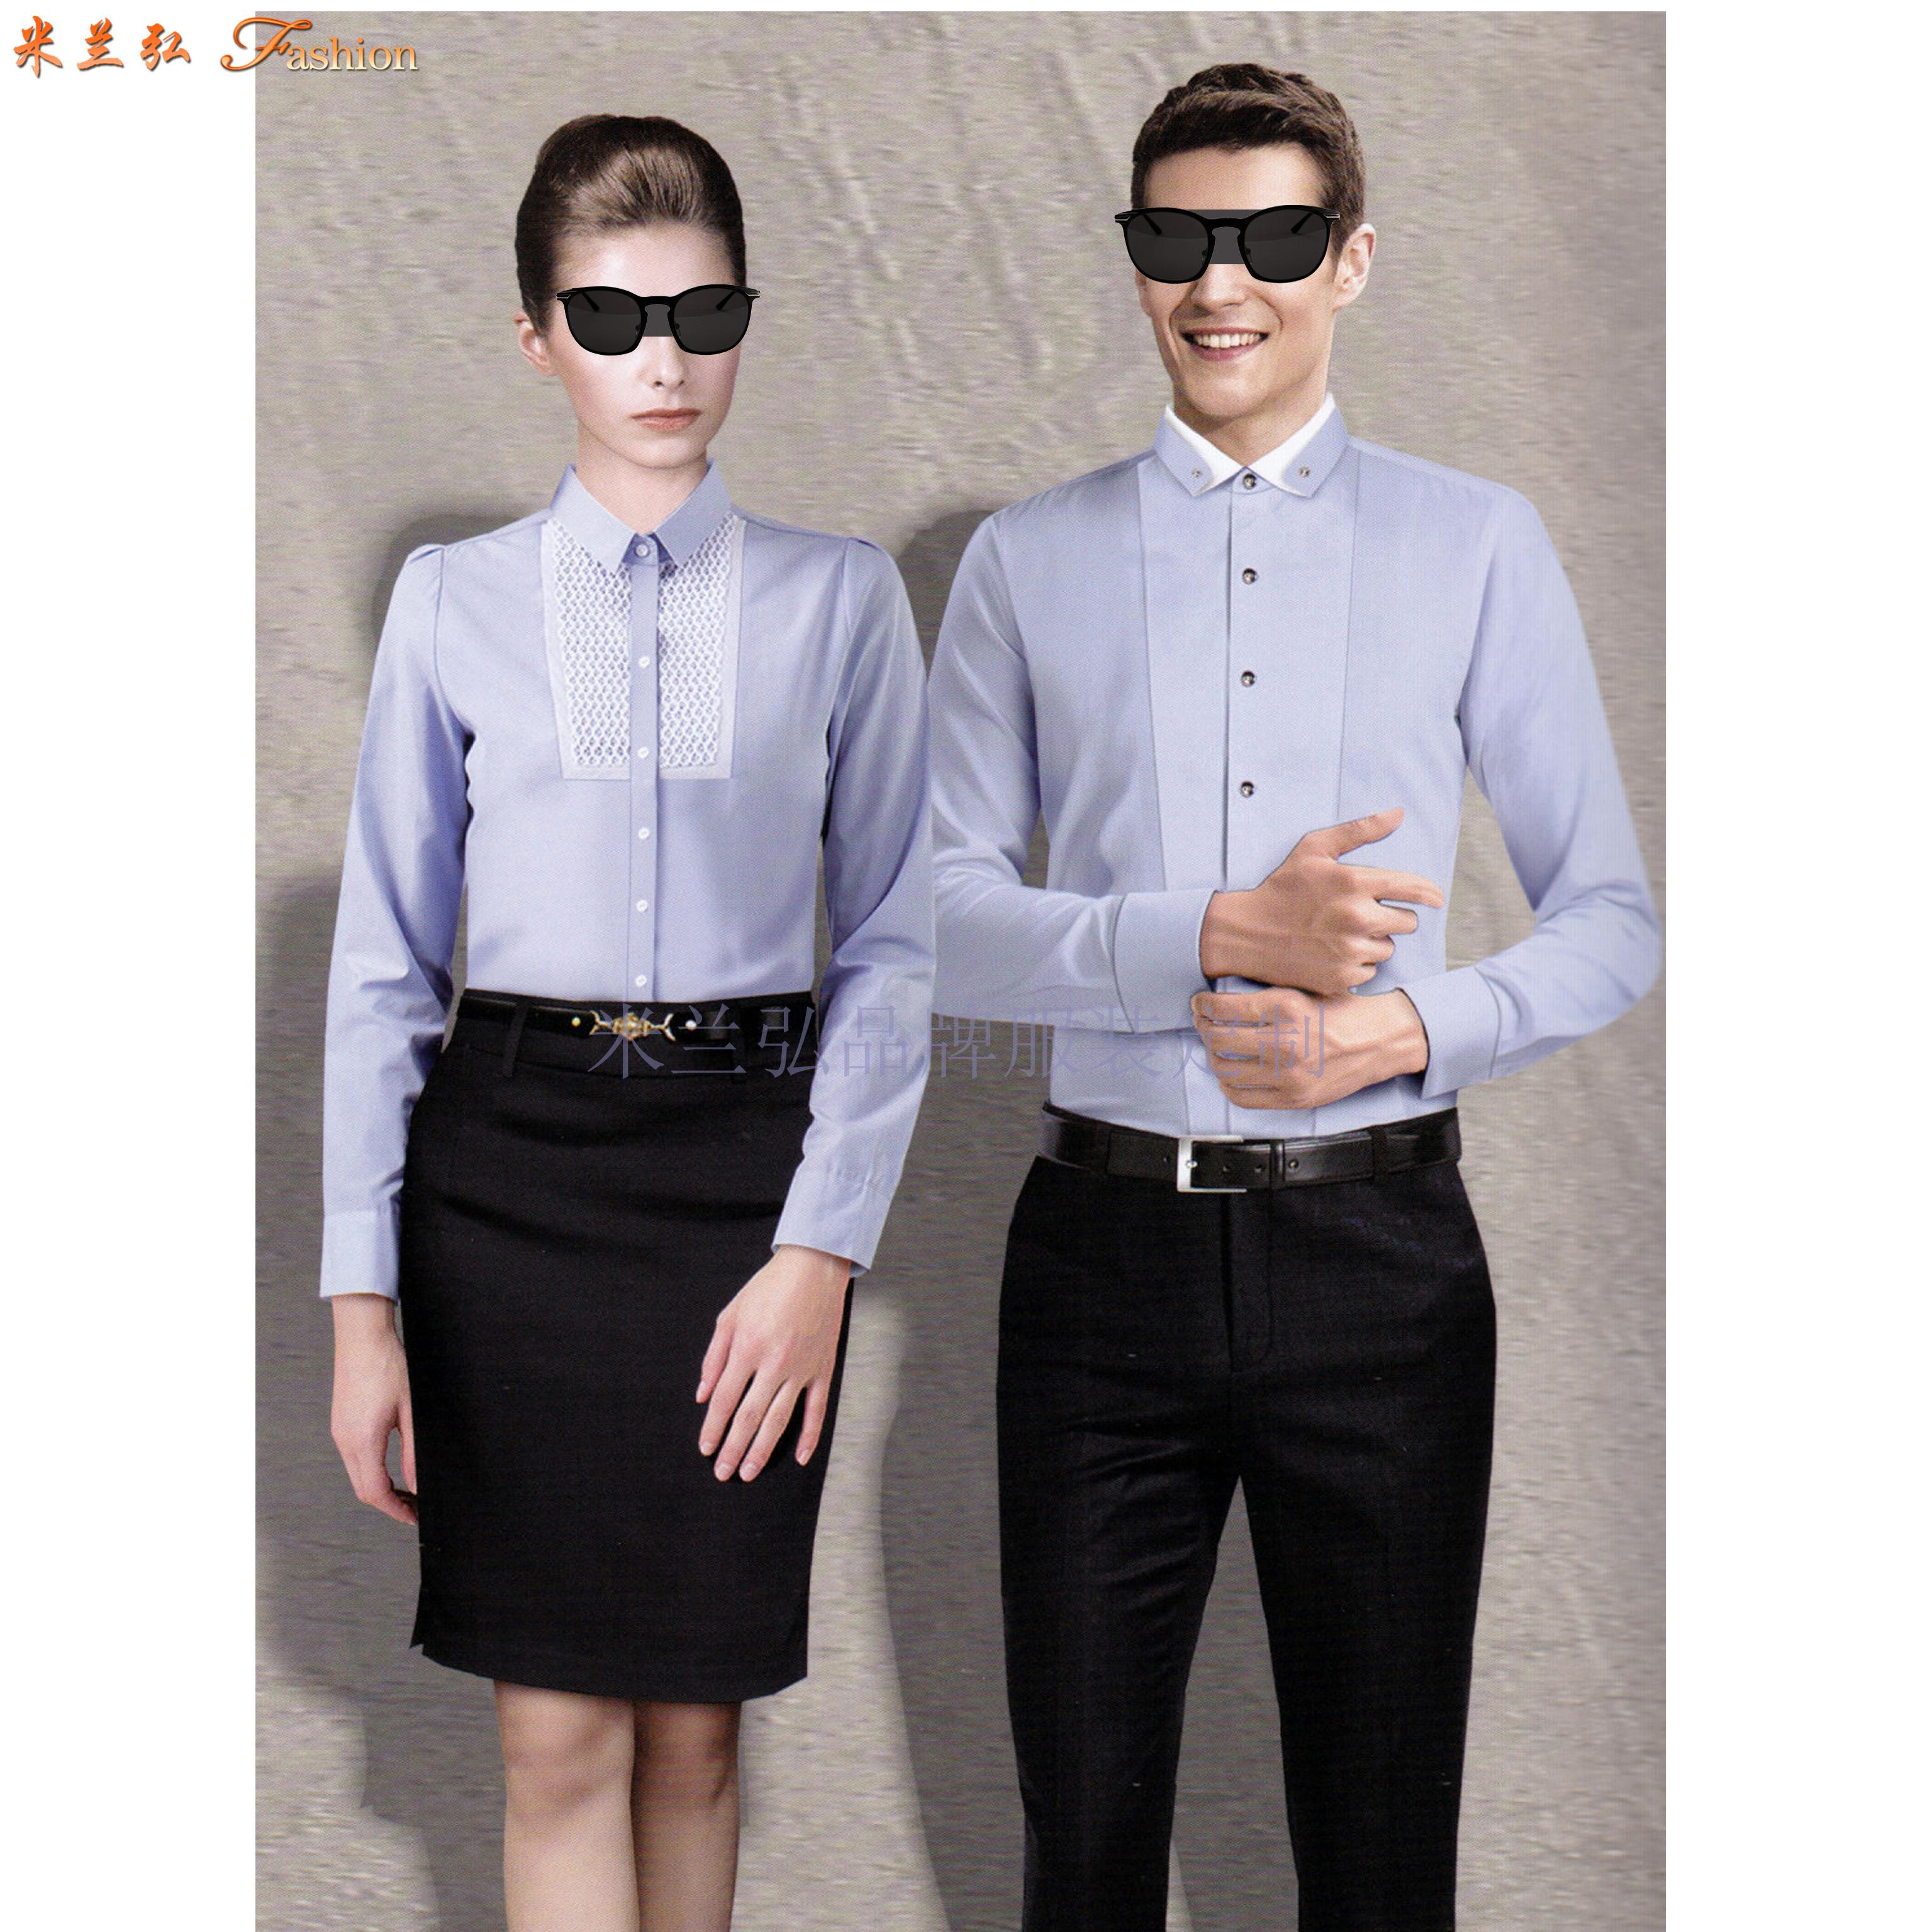 「男式衬衫订制」「女士衬衫定做」工作服衬衫定制工厂-米兰弘-2